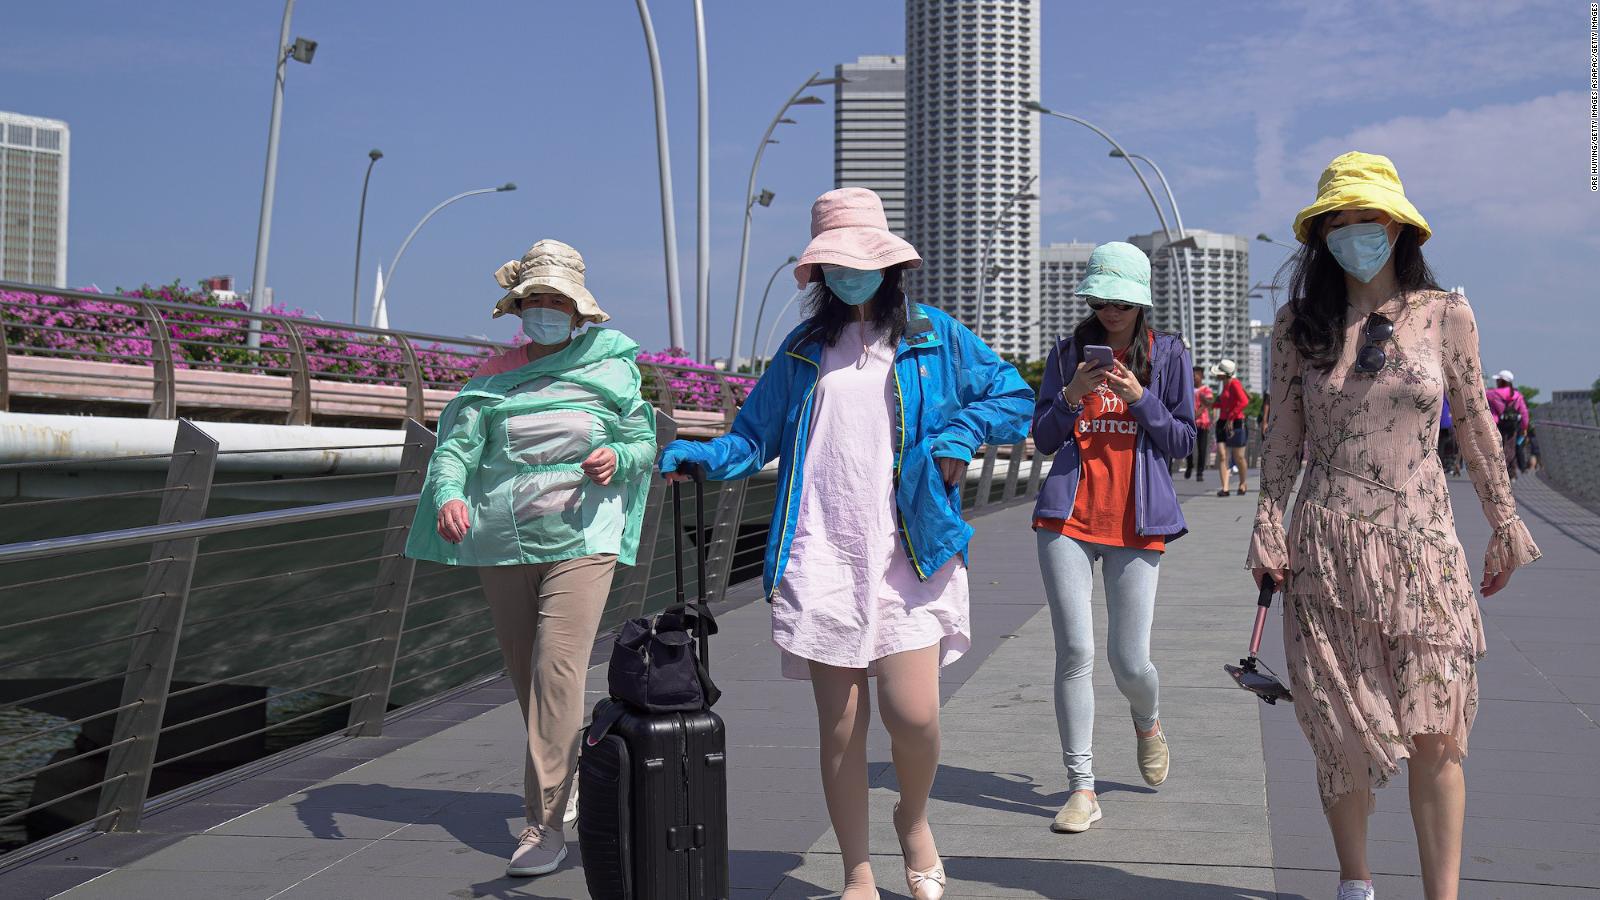 Những người vi phạm qui tắc cách li an toàn 1m sẽ bị bỏ tù hoặc phạt tiền tại Singapore  - Ảnh 4.